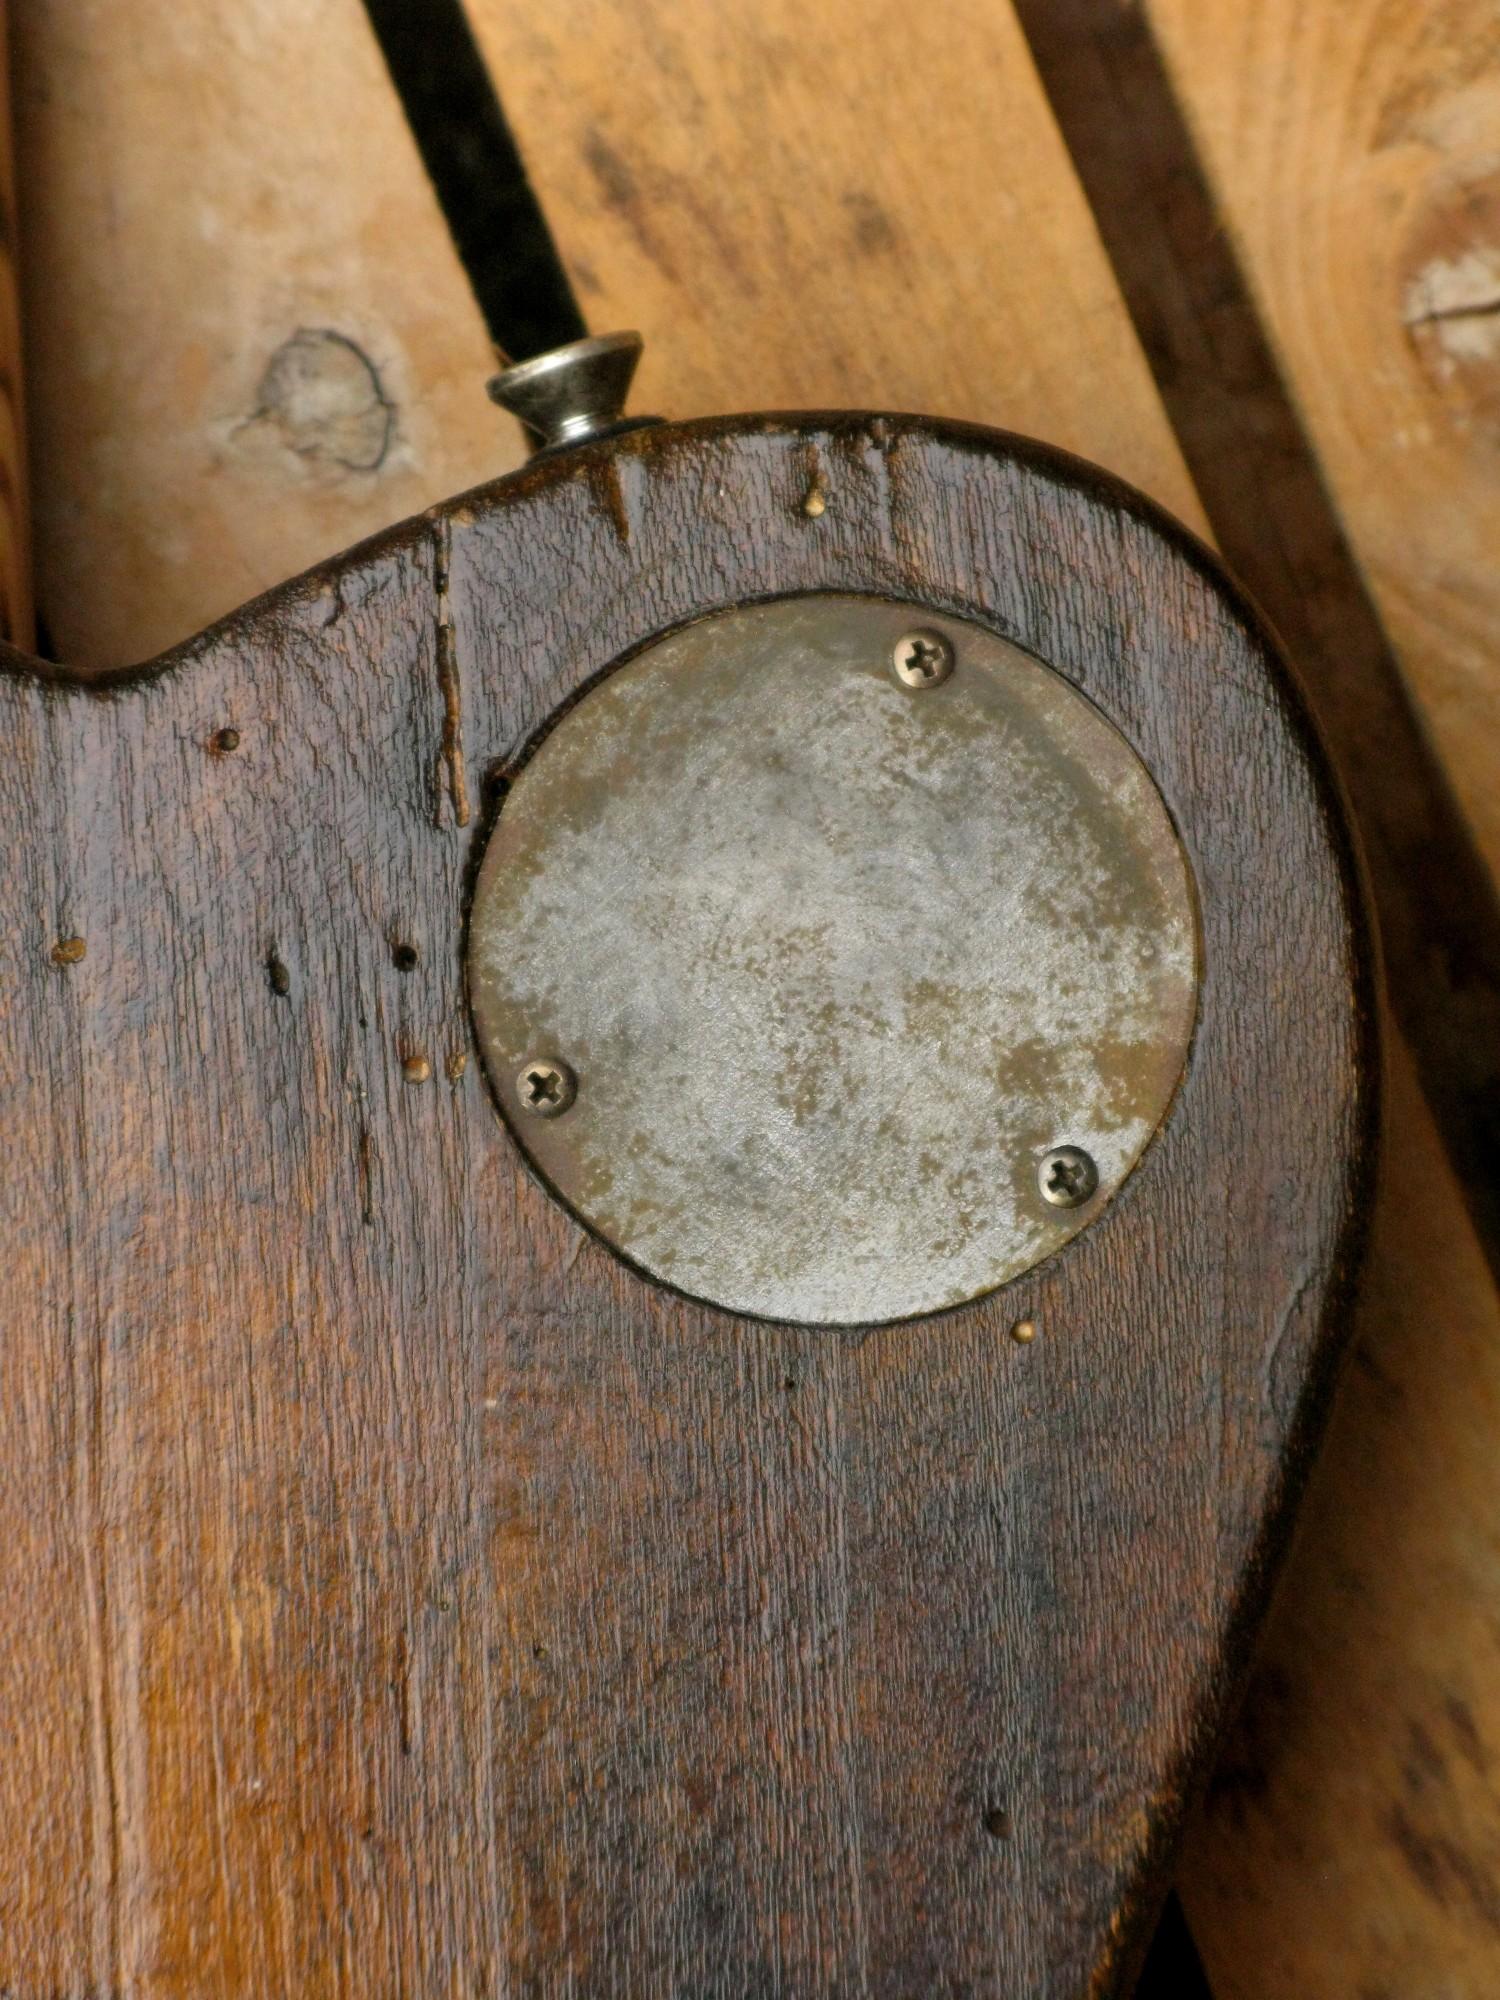 Coperchio aged sul retro del body di un bassoTelecaster in pioppo